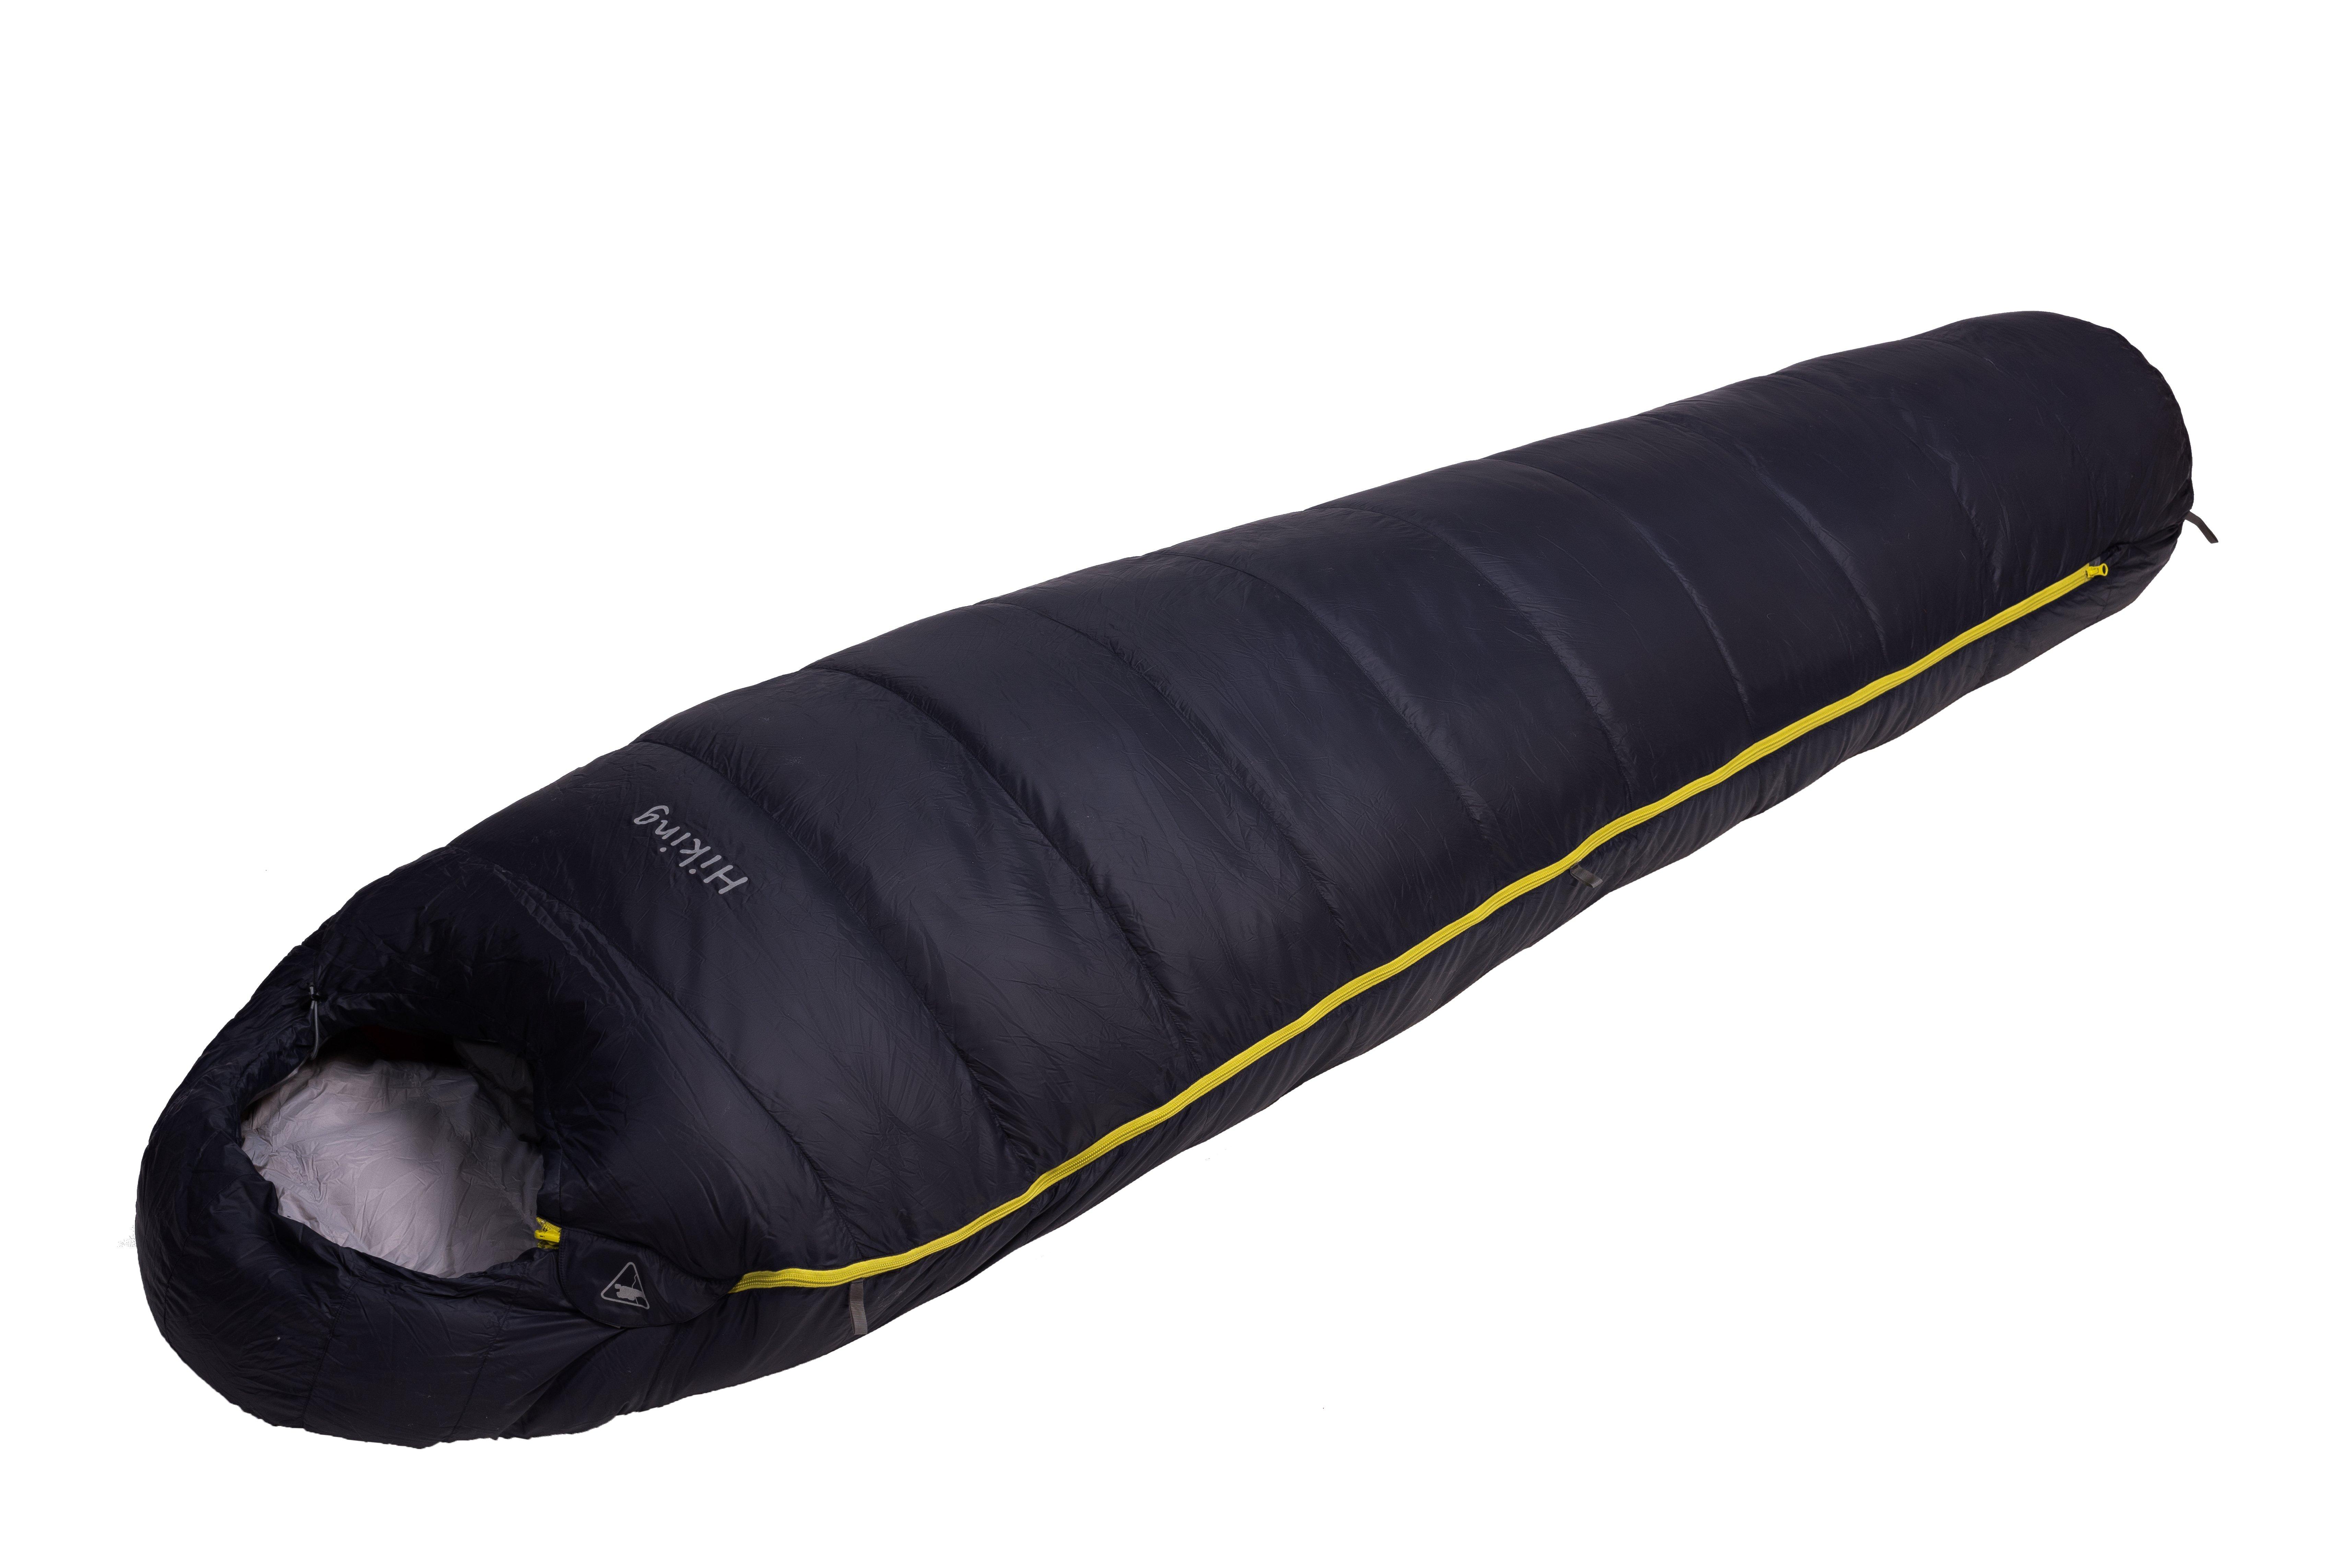 Спальный мешок BASK HIKING-M-850+ 1481Спальные мешки<br><br><br>Верхняя ткань: Advance®Superior<br>Вес без упаковки: 990<br>Вес упаковки: 90<br>Вес утеплителя: 528<br>Внутренняя ткань: Advance®Superior<br>Возможность состегивания: Да<br>Количество слоев утеплителя: 1<br>Назначение: Туристический<br>Наличие карманов: Да<br>Наполнитель: Гусиный пух<br>Нижняя температура комфорта °C: -7<br>Подголовник/Капюшон: Да<br>Показатель Fill Power (для пуховых изделий): 850<br>Пол: Унисекс<br>Размер в упакованном виде (диаметр х длина): 18х45<br>Размеры наружные (внутренние): 198x175x80x54<br>Система расположения слоев утеплителя или пуховых пакетов: Смещенные швы<br>Температура комфорта °C: -1<br>Тесьма вдоль планки: Да<br>Тип молнии: Двухзамковая-разъёмная<br>Тип утеплителя: Натуральный<br>Утеплитель: Гусиный пух<br>Утепляющая планка: Да<br>Форма: Кокон<br>Шейный пакет: Да<br>Экстремальная температура °C: -25<br>Размер INT: L<br>Цвет: СИНИЙ